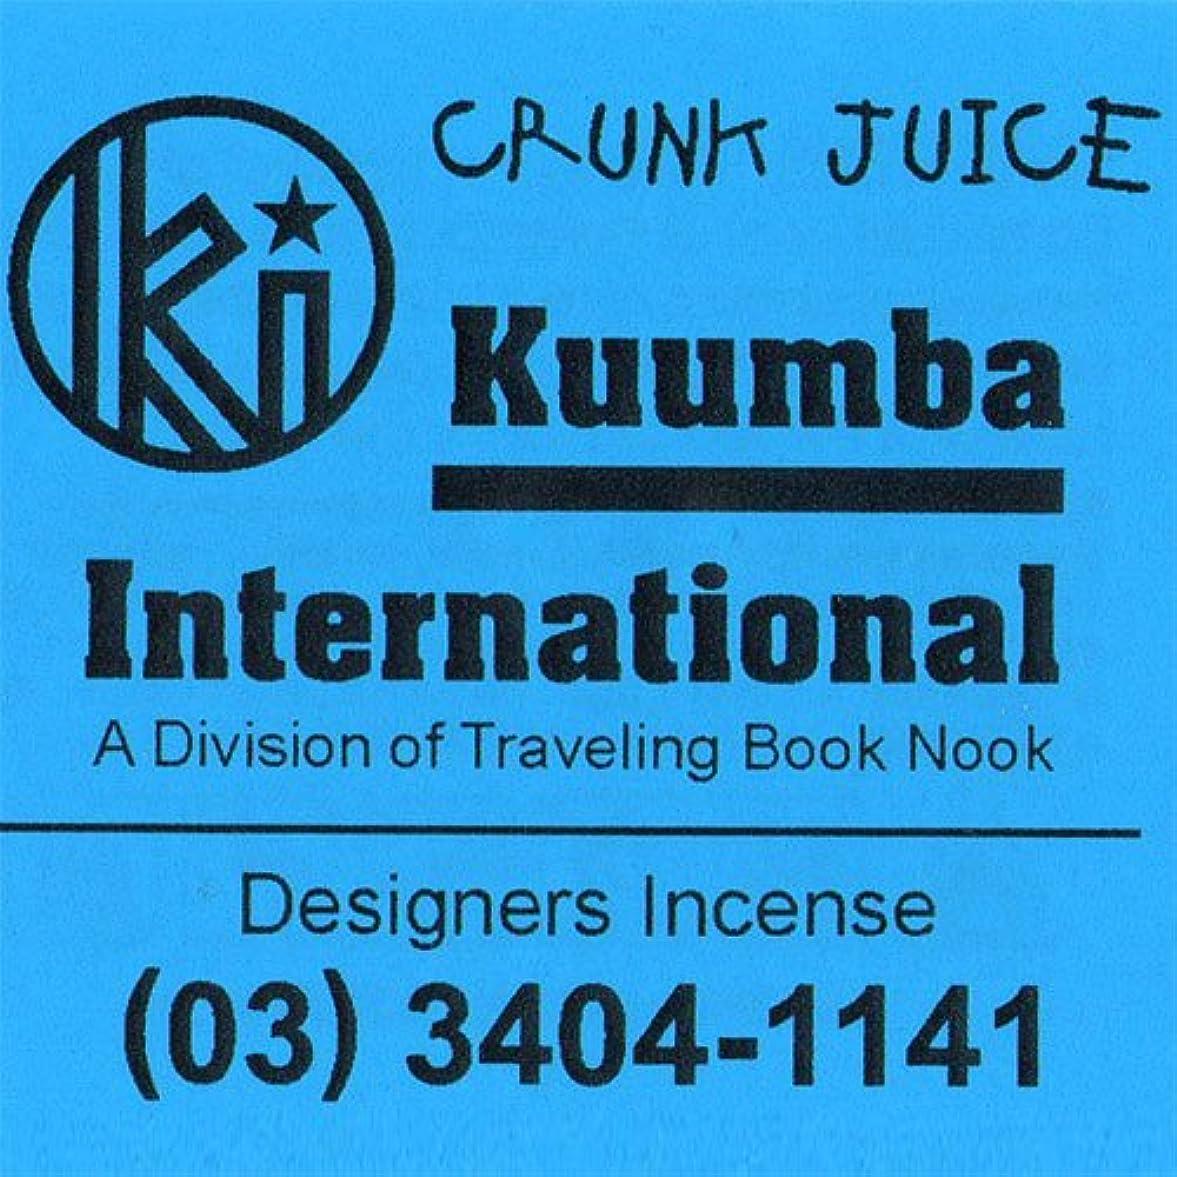 メッセンジャー想像する証人KUUMBA / クンバ『incense』(CRUNK JUICE) (Regular size)